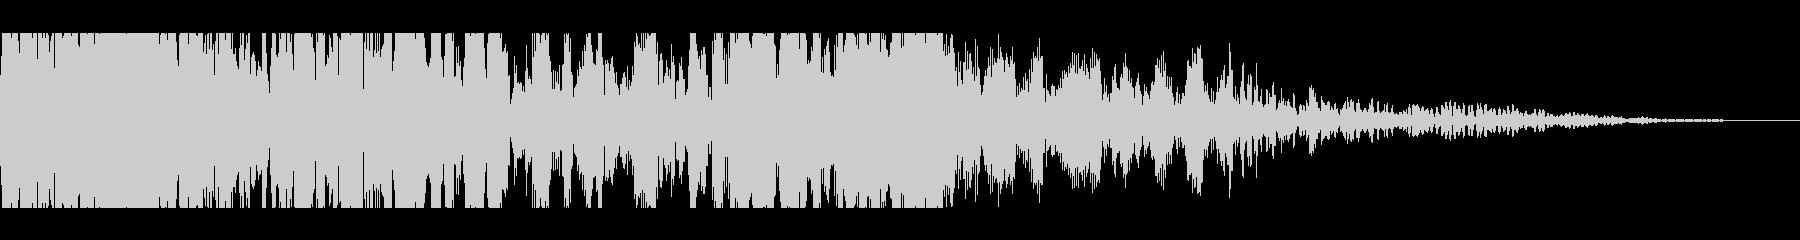 獣モンスターの叫び(長めの遠吠え)の未再生の波形